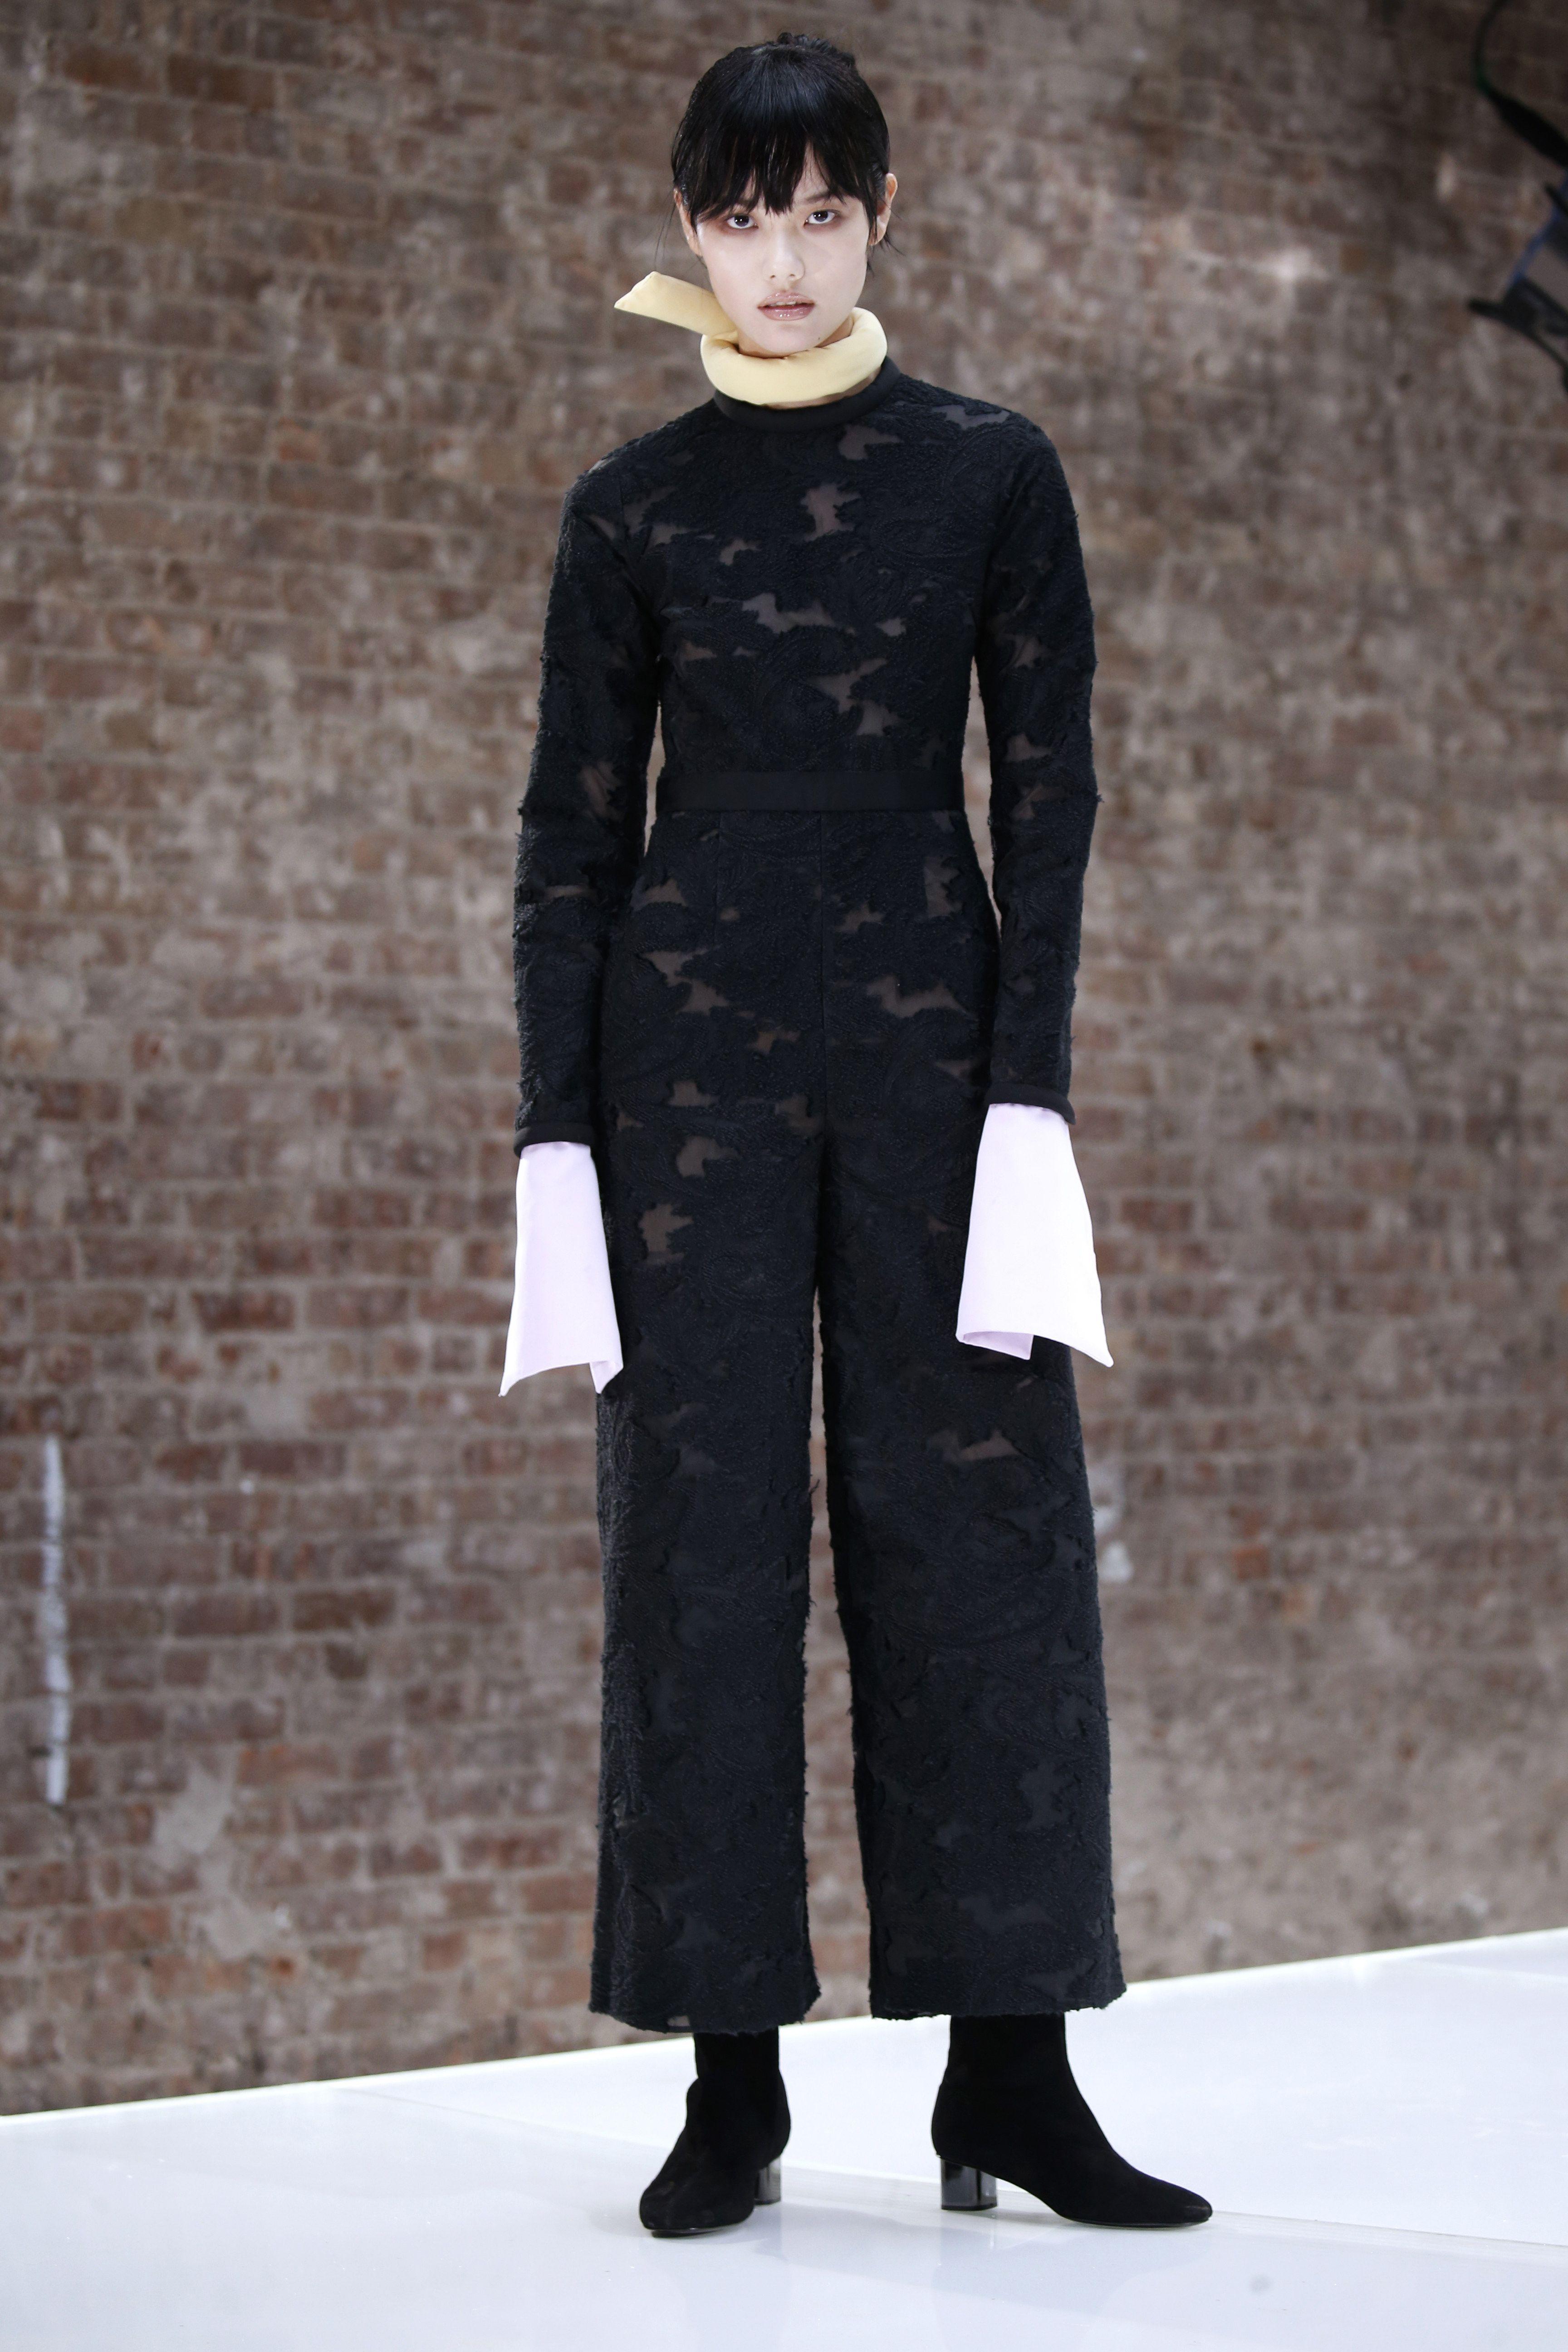 Self-Portrait Fall 2016 Ready-to-Wear Fashion Show - FW16 NEW YORK FASHION WEEK